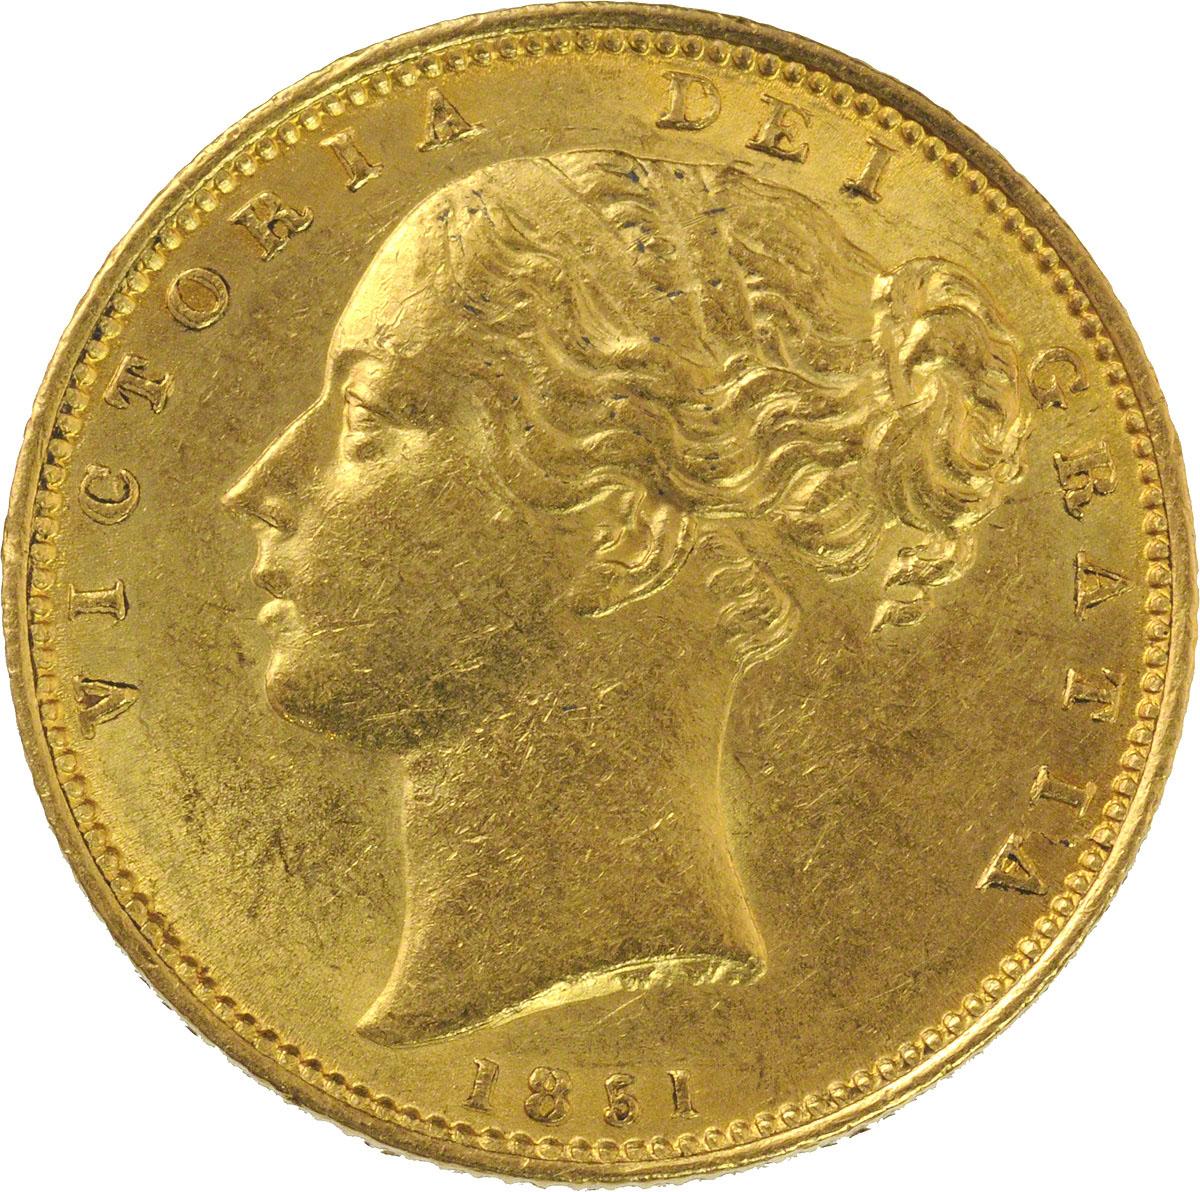 1851 Βικτώρια